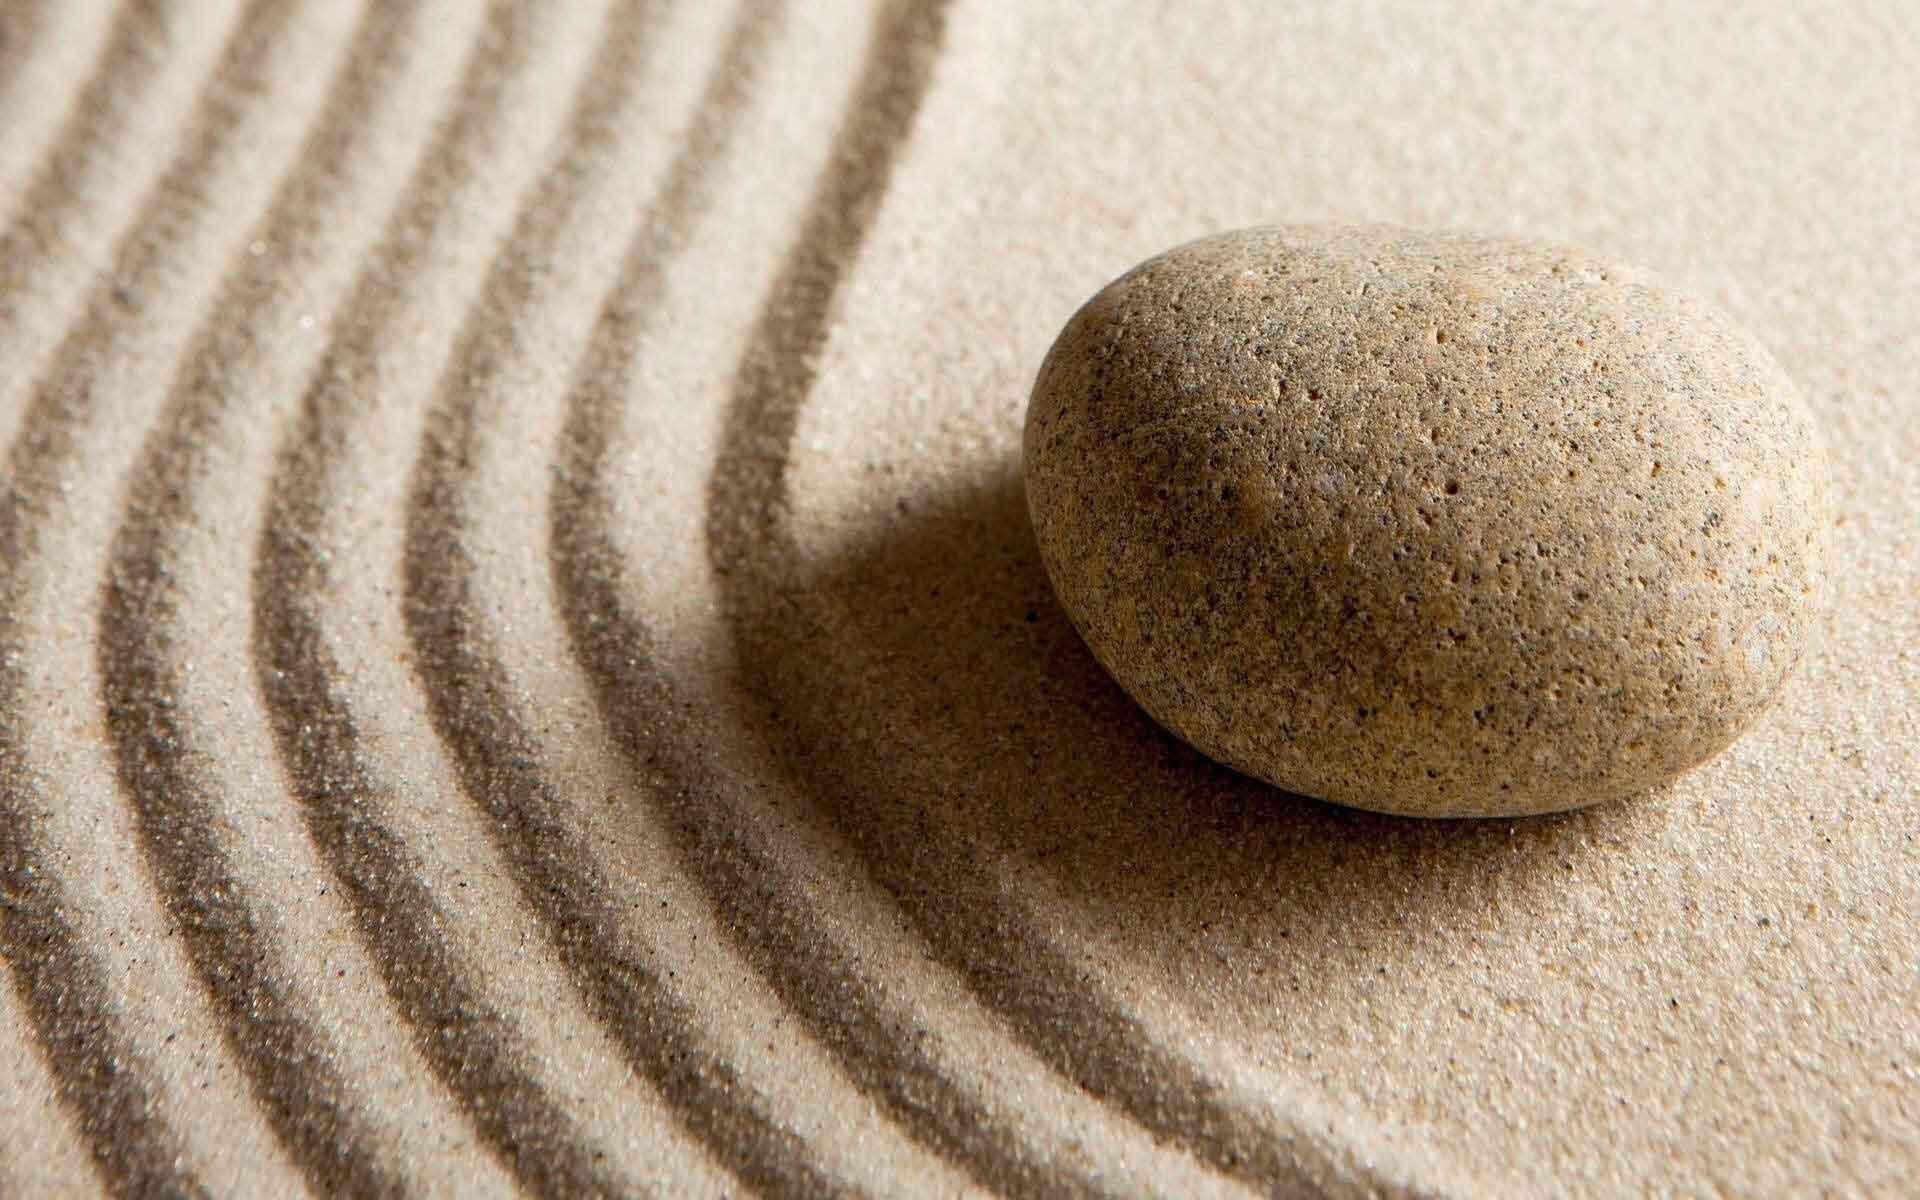 Storia Zen: Nessun legame con la polvere